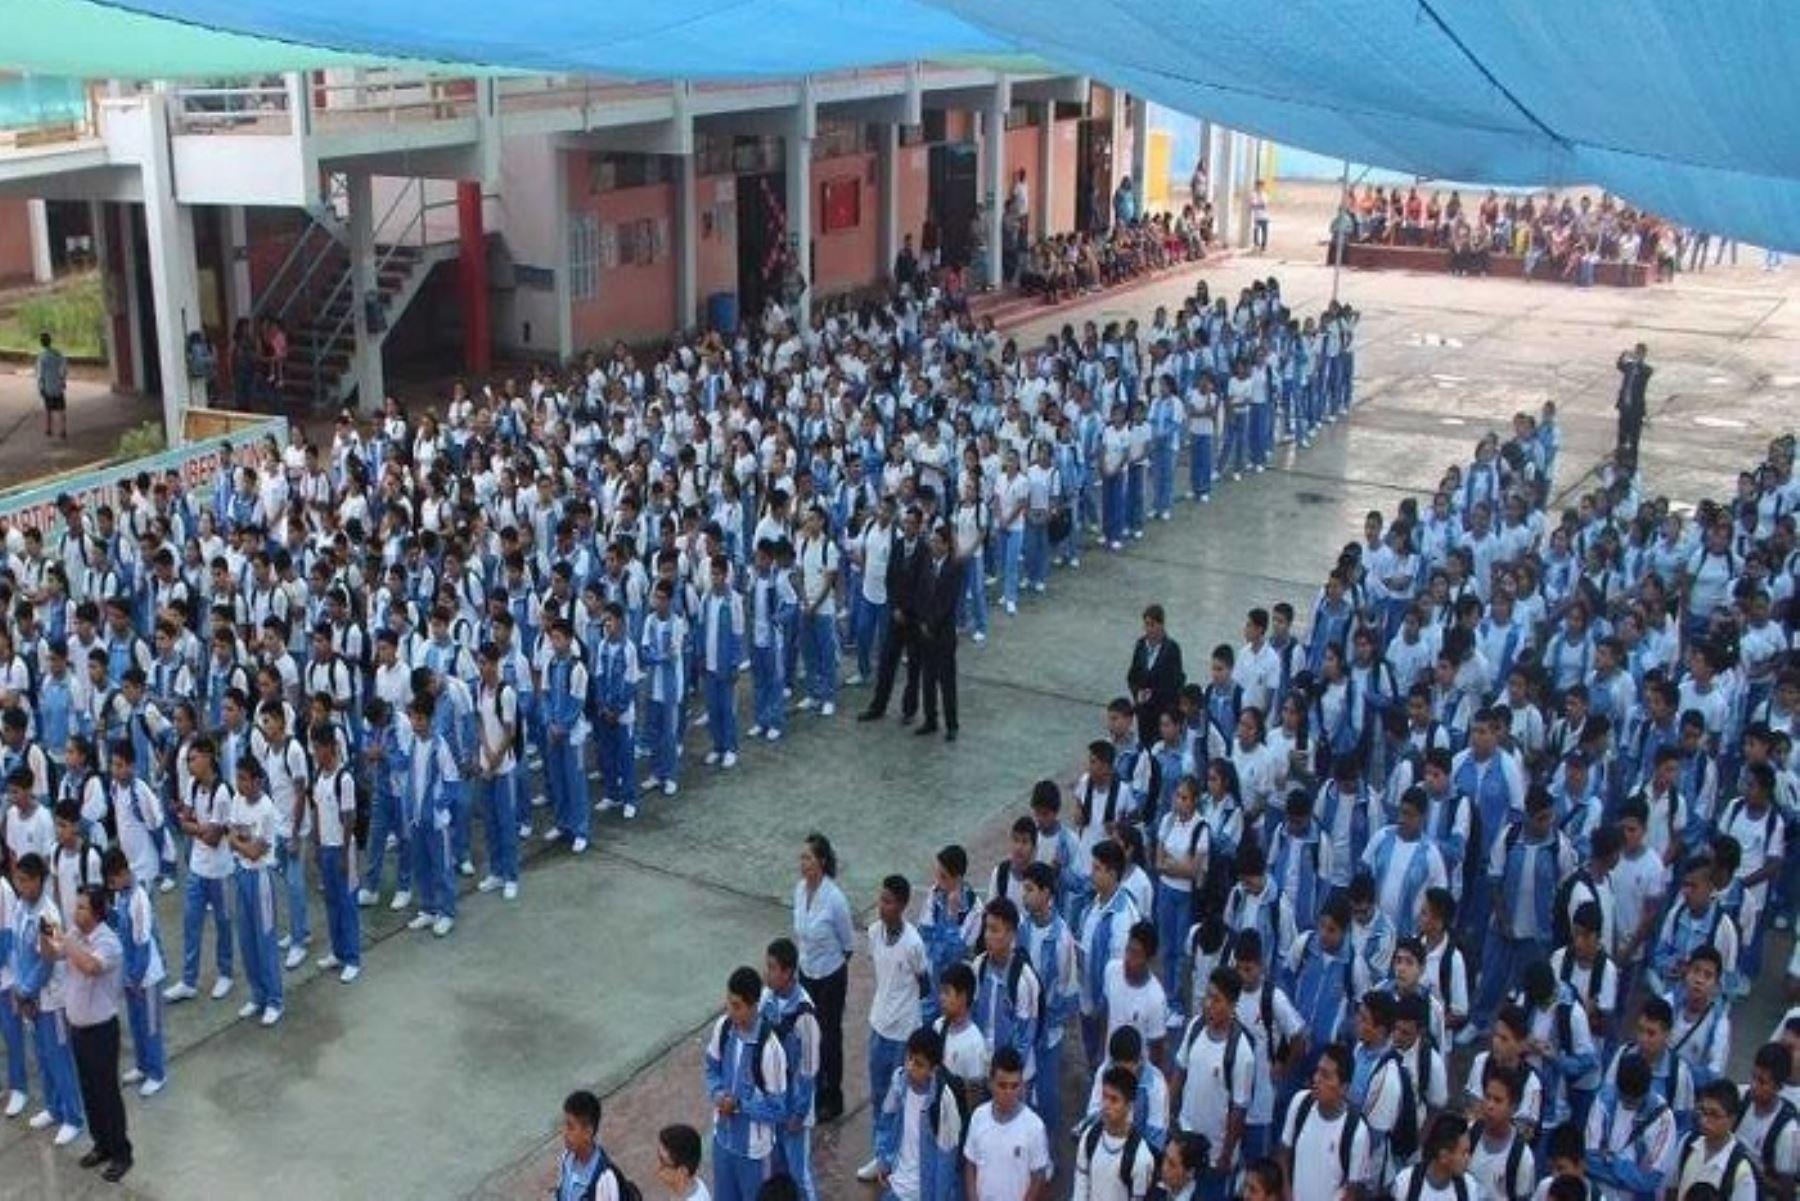 En más de 1,000 colegios ubicados en 19 provincias y 97 distritos de la región Áncash, el inicio de las clases escolares ha sido aplazado hasta el 18 de marzo próximo, confirmó hoy el titular de la Dirección Regional de Educación de Áncash (DREA), Robert Medina Gamboa.